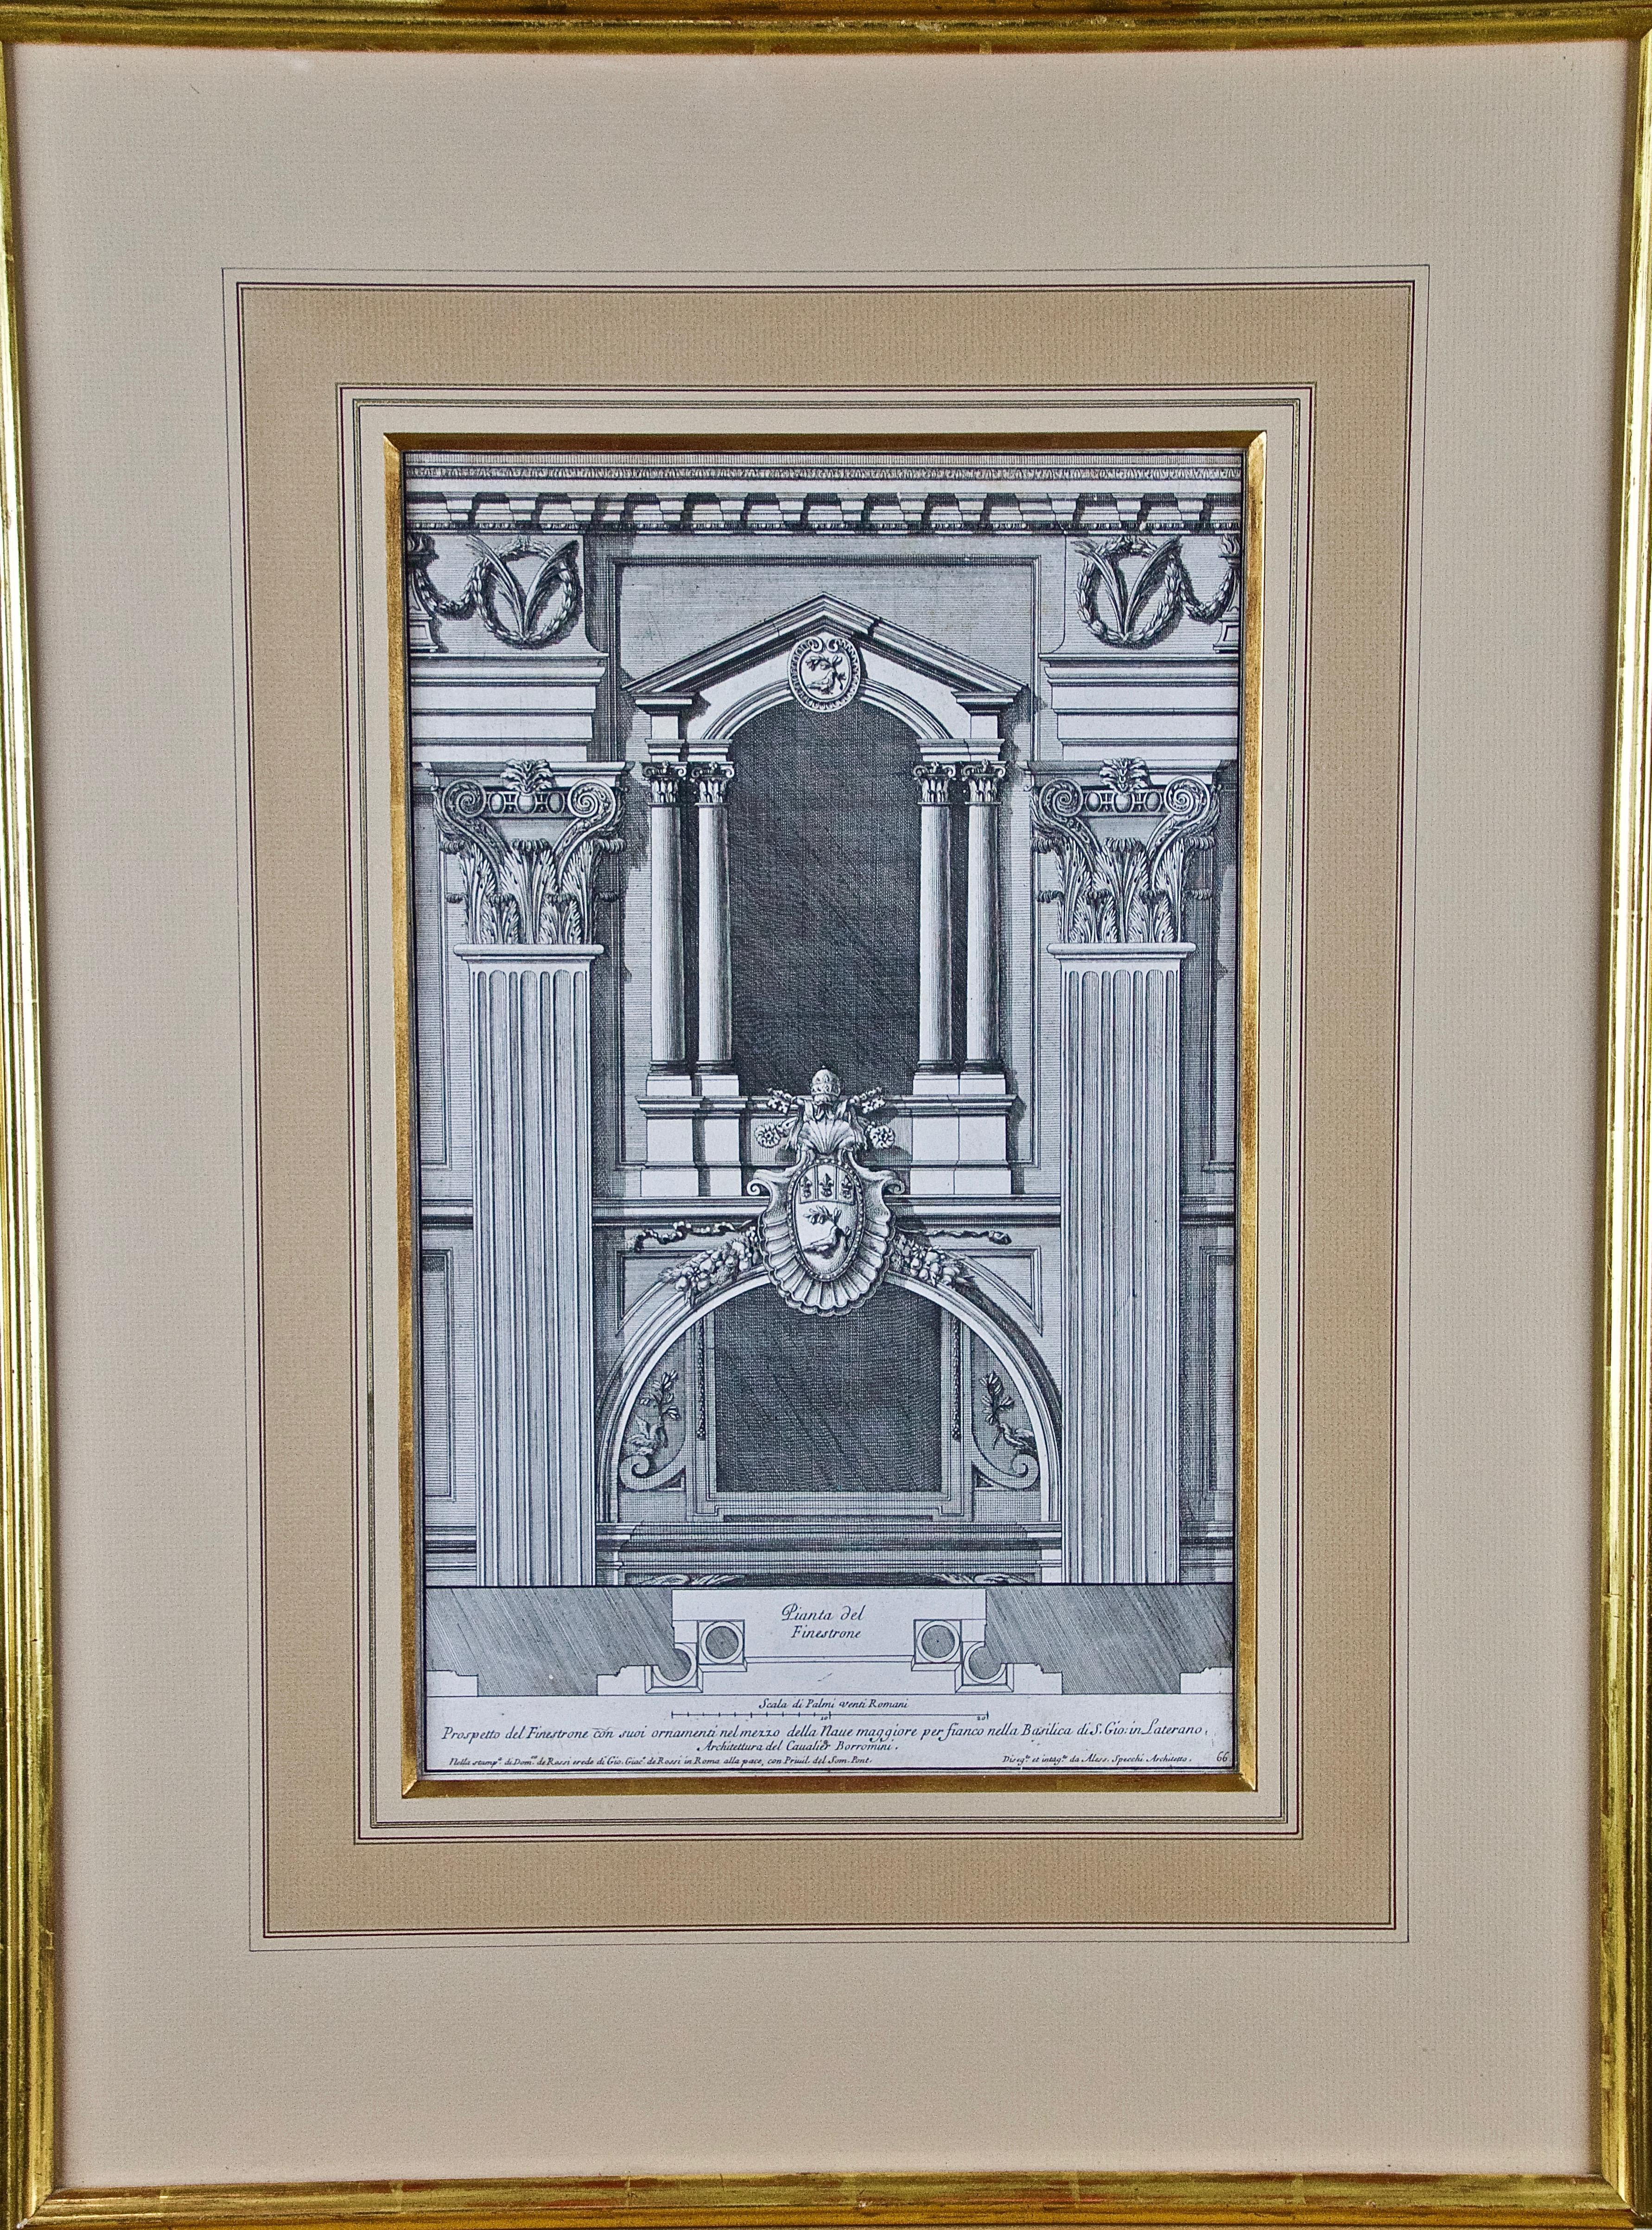 18th C. Italian Architectural Engraving of a Borromini Designed Church in Rome